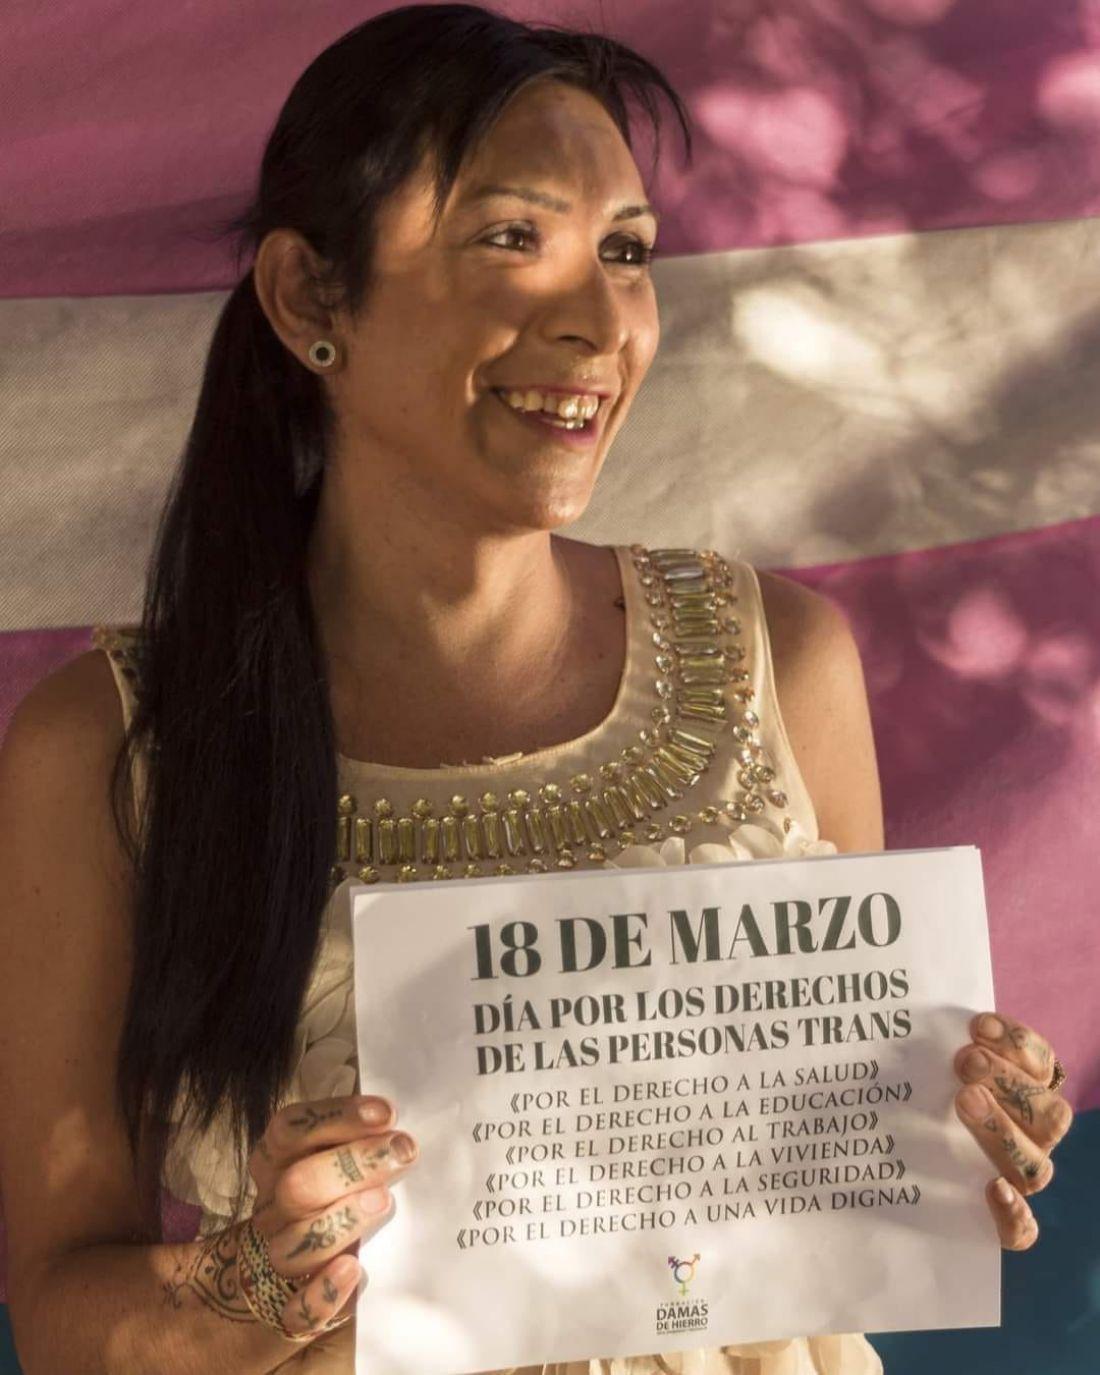 Vuela alto Lourdes lbarra, Falleció la referente y fundadora de Damas de Hierro